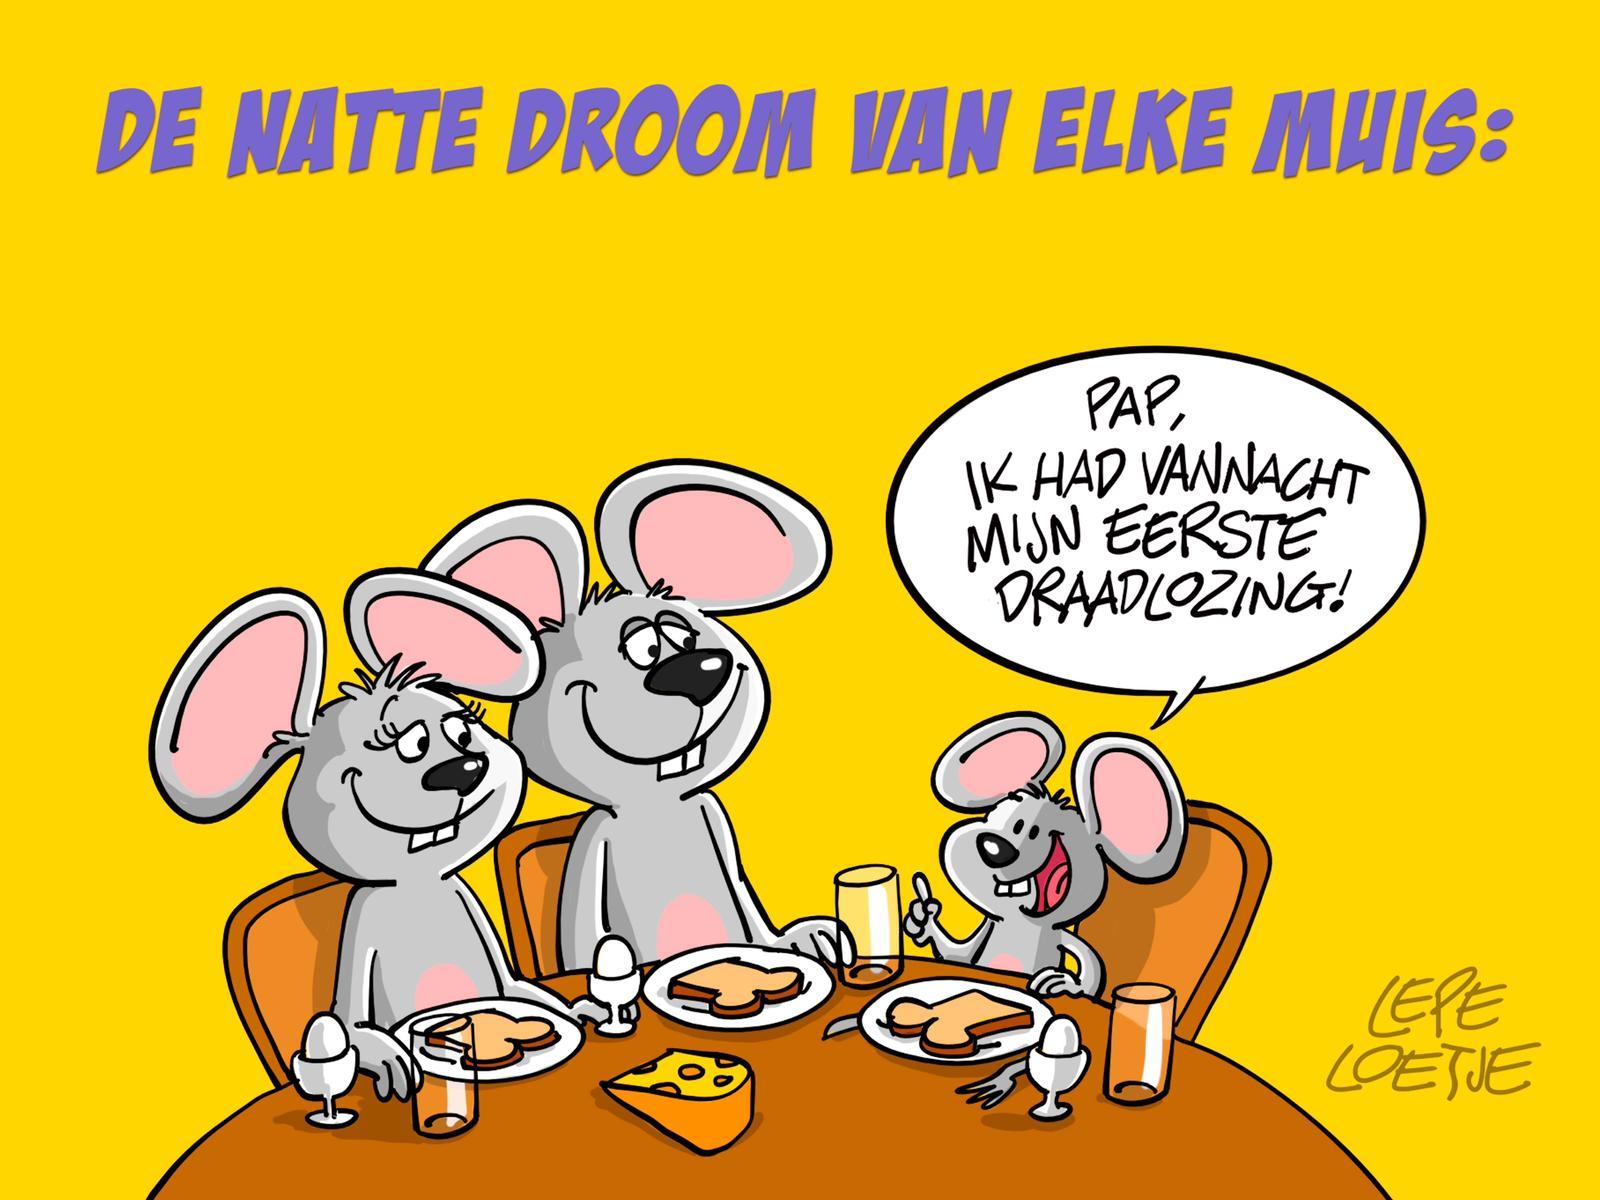 Lepe Loetje Cartoons Draadlozing